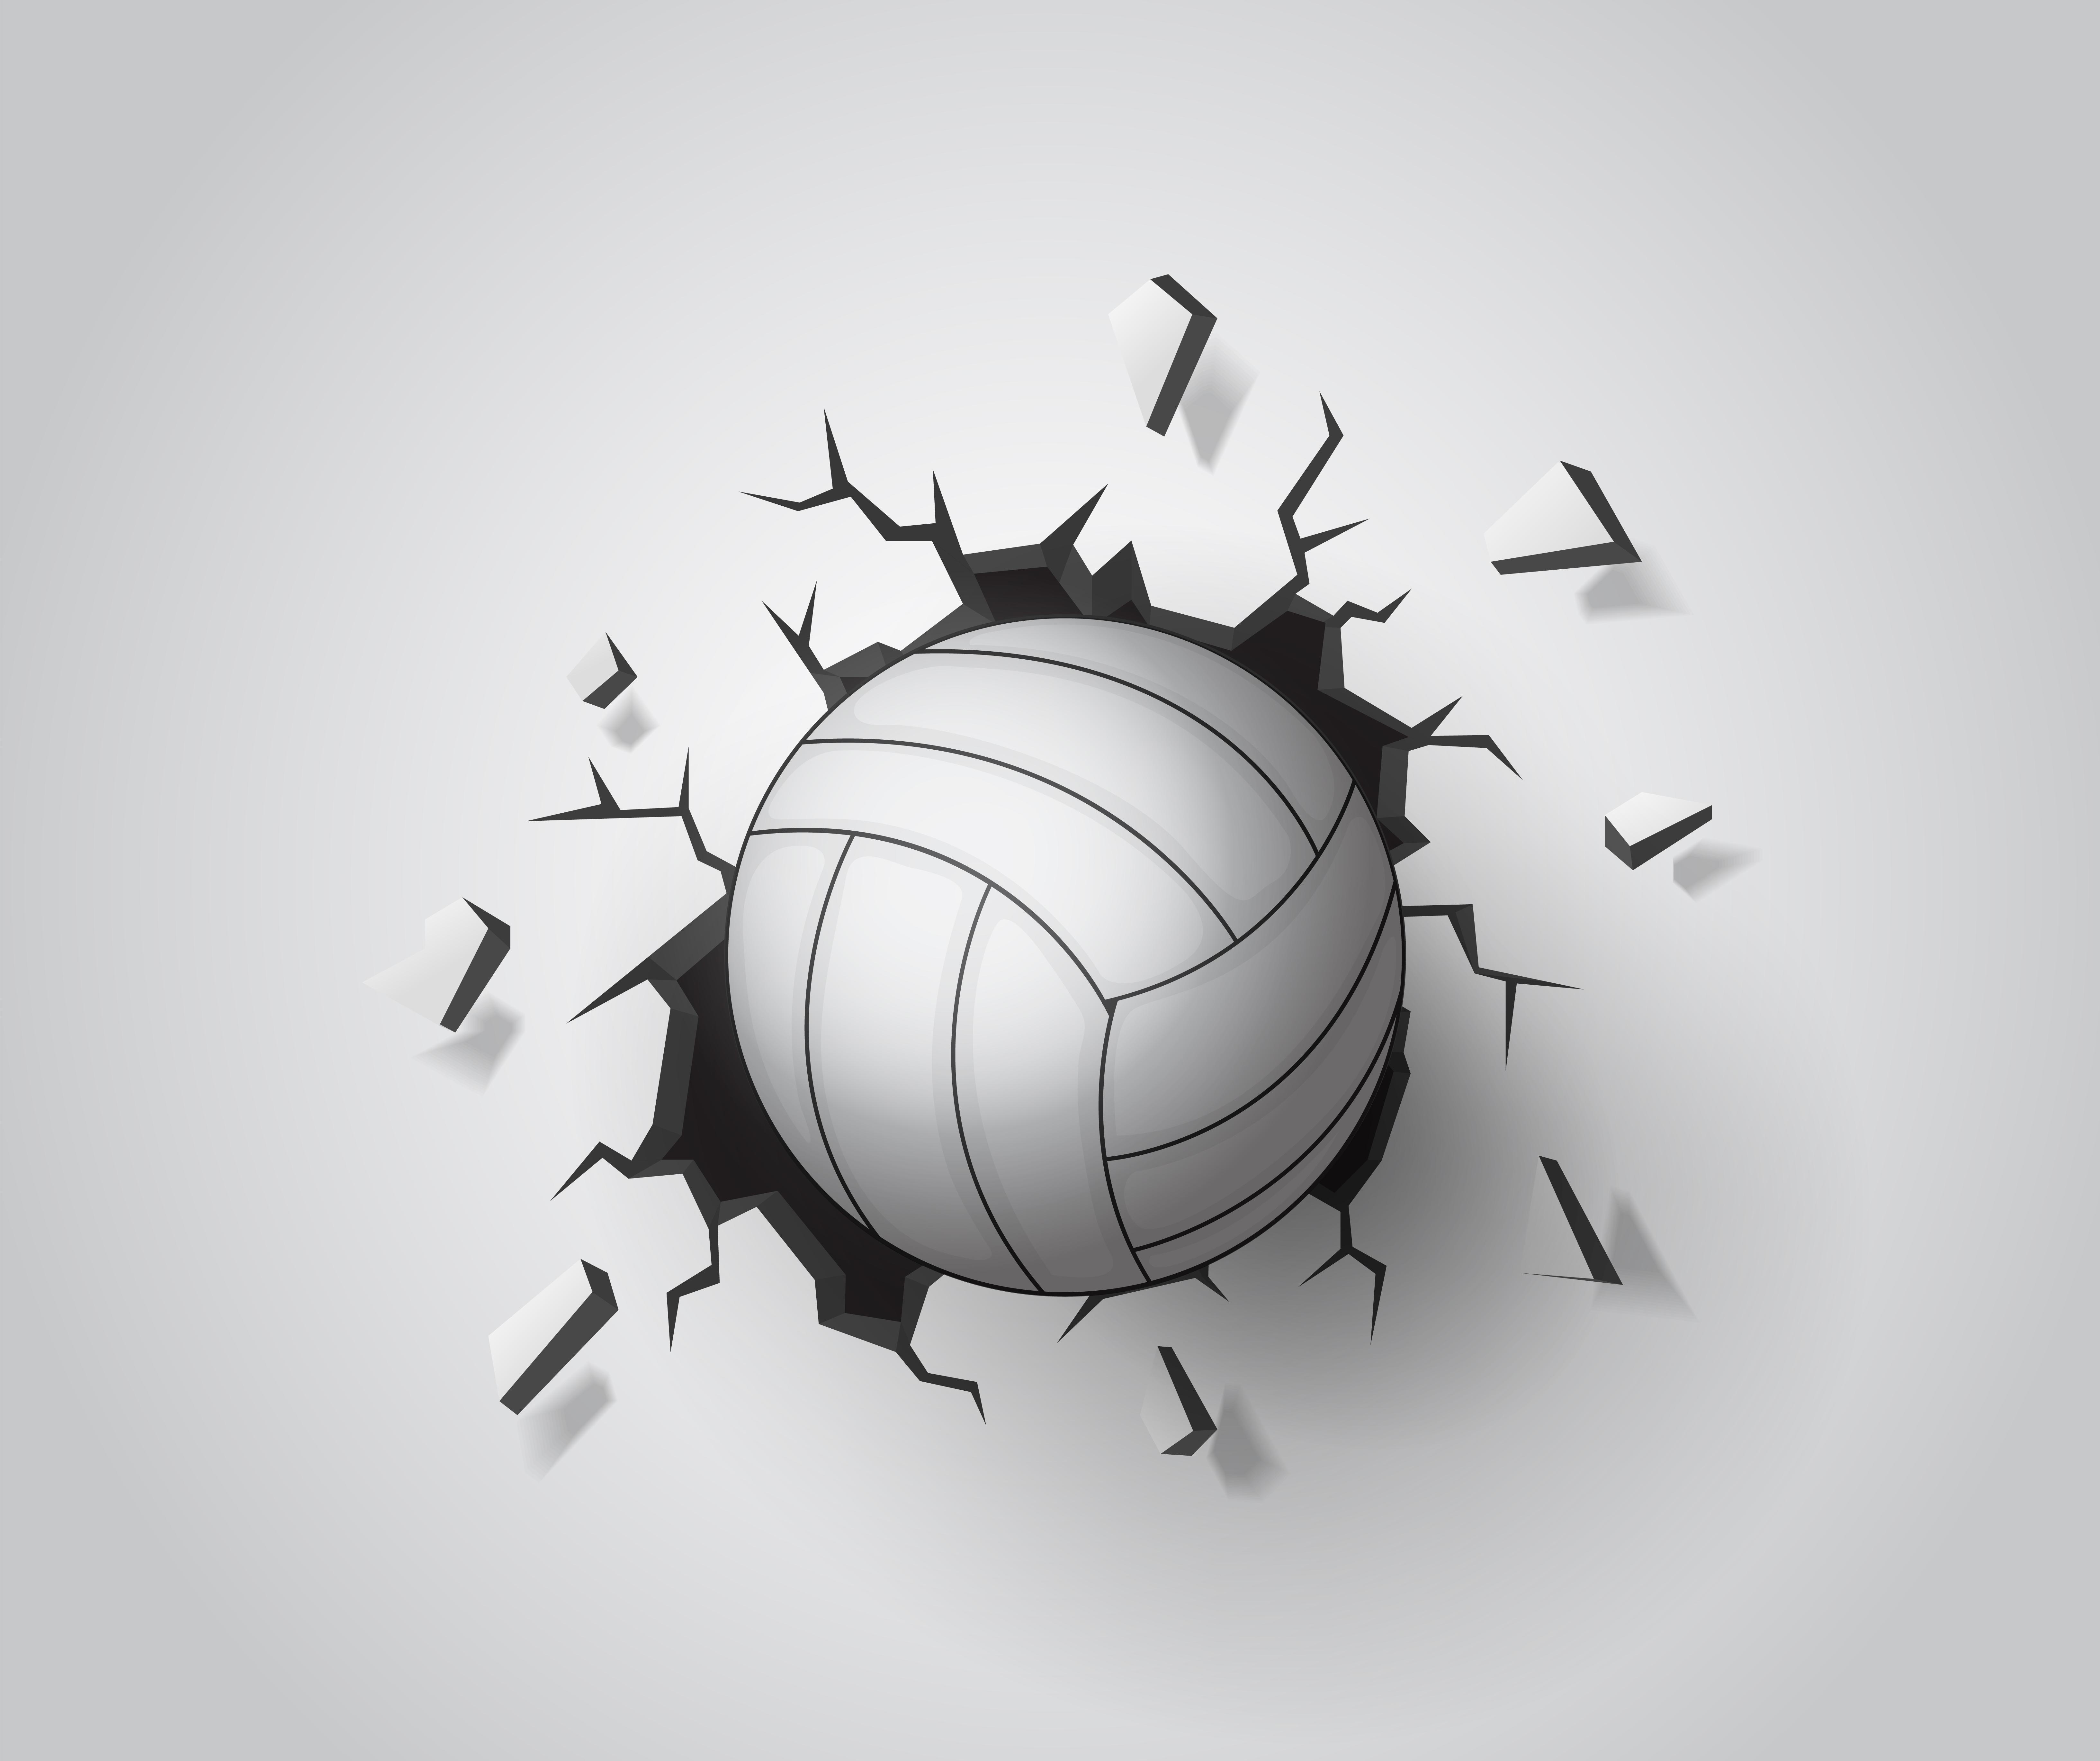 排球素材 免費下載 | 天天瘋後製